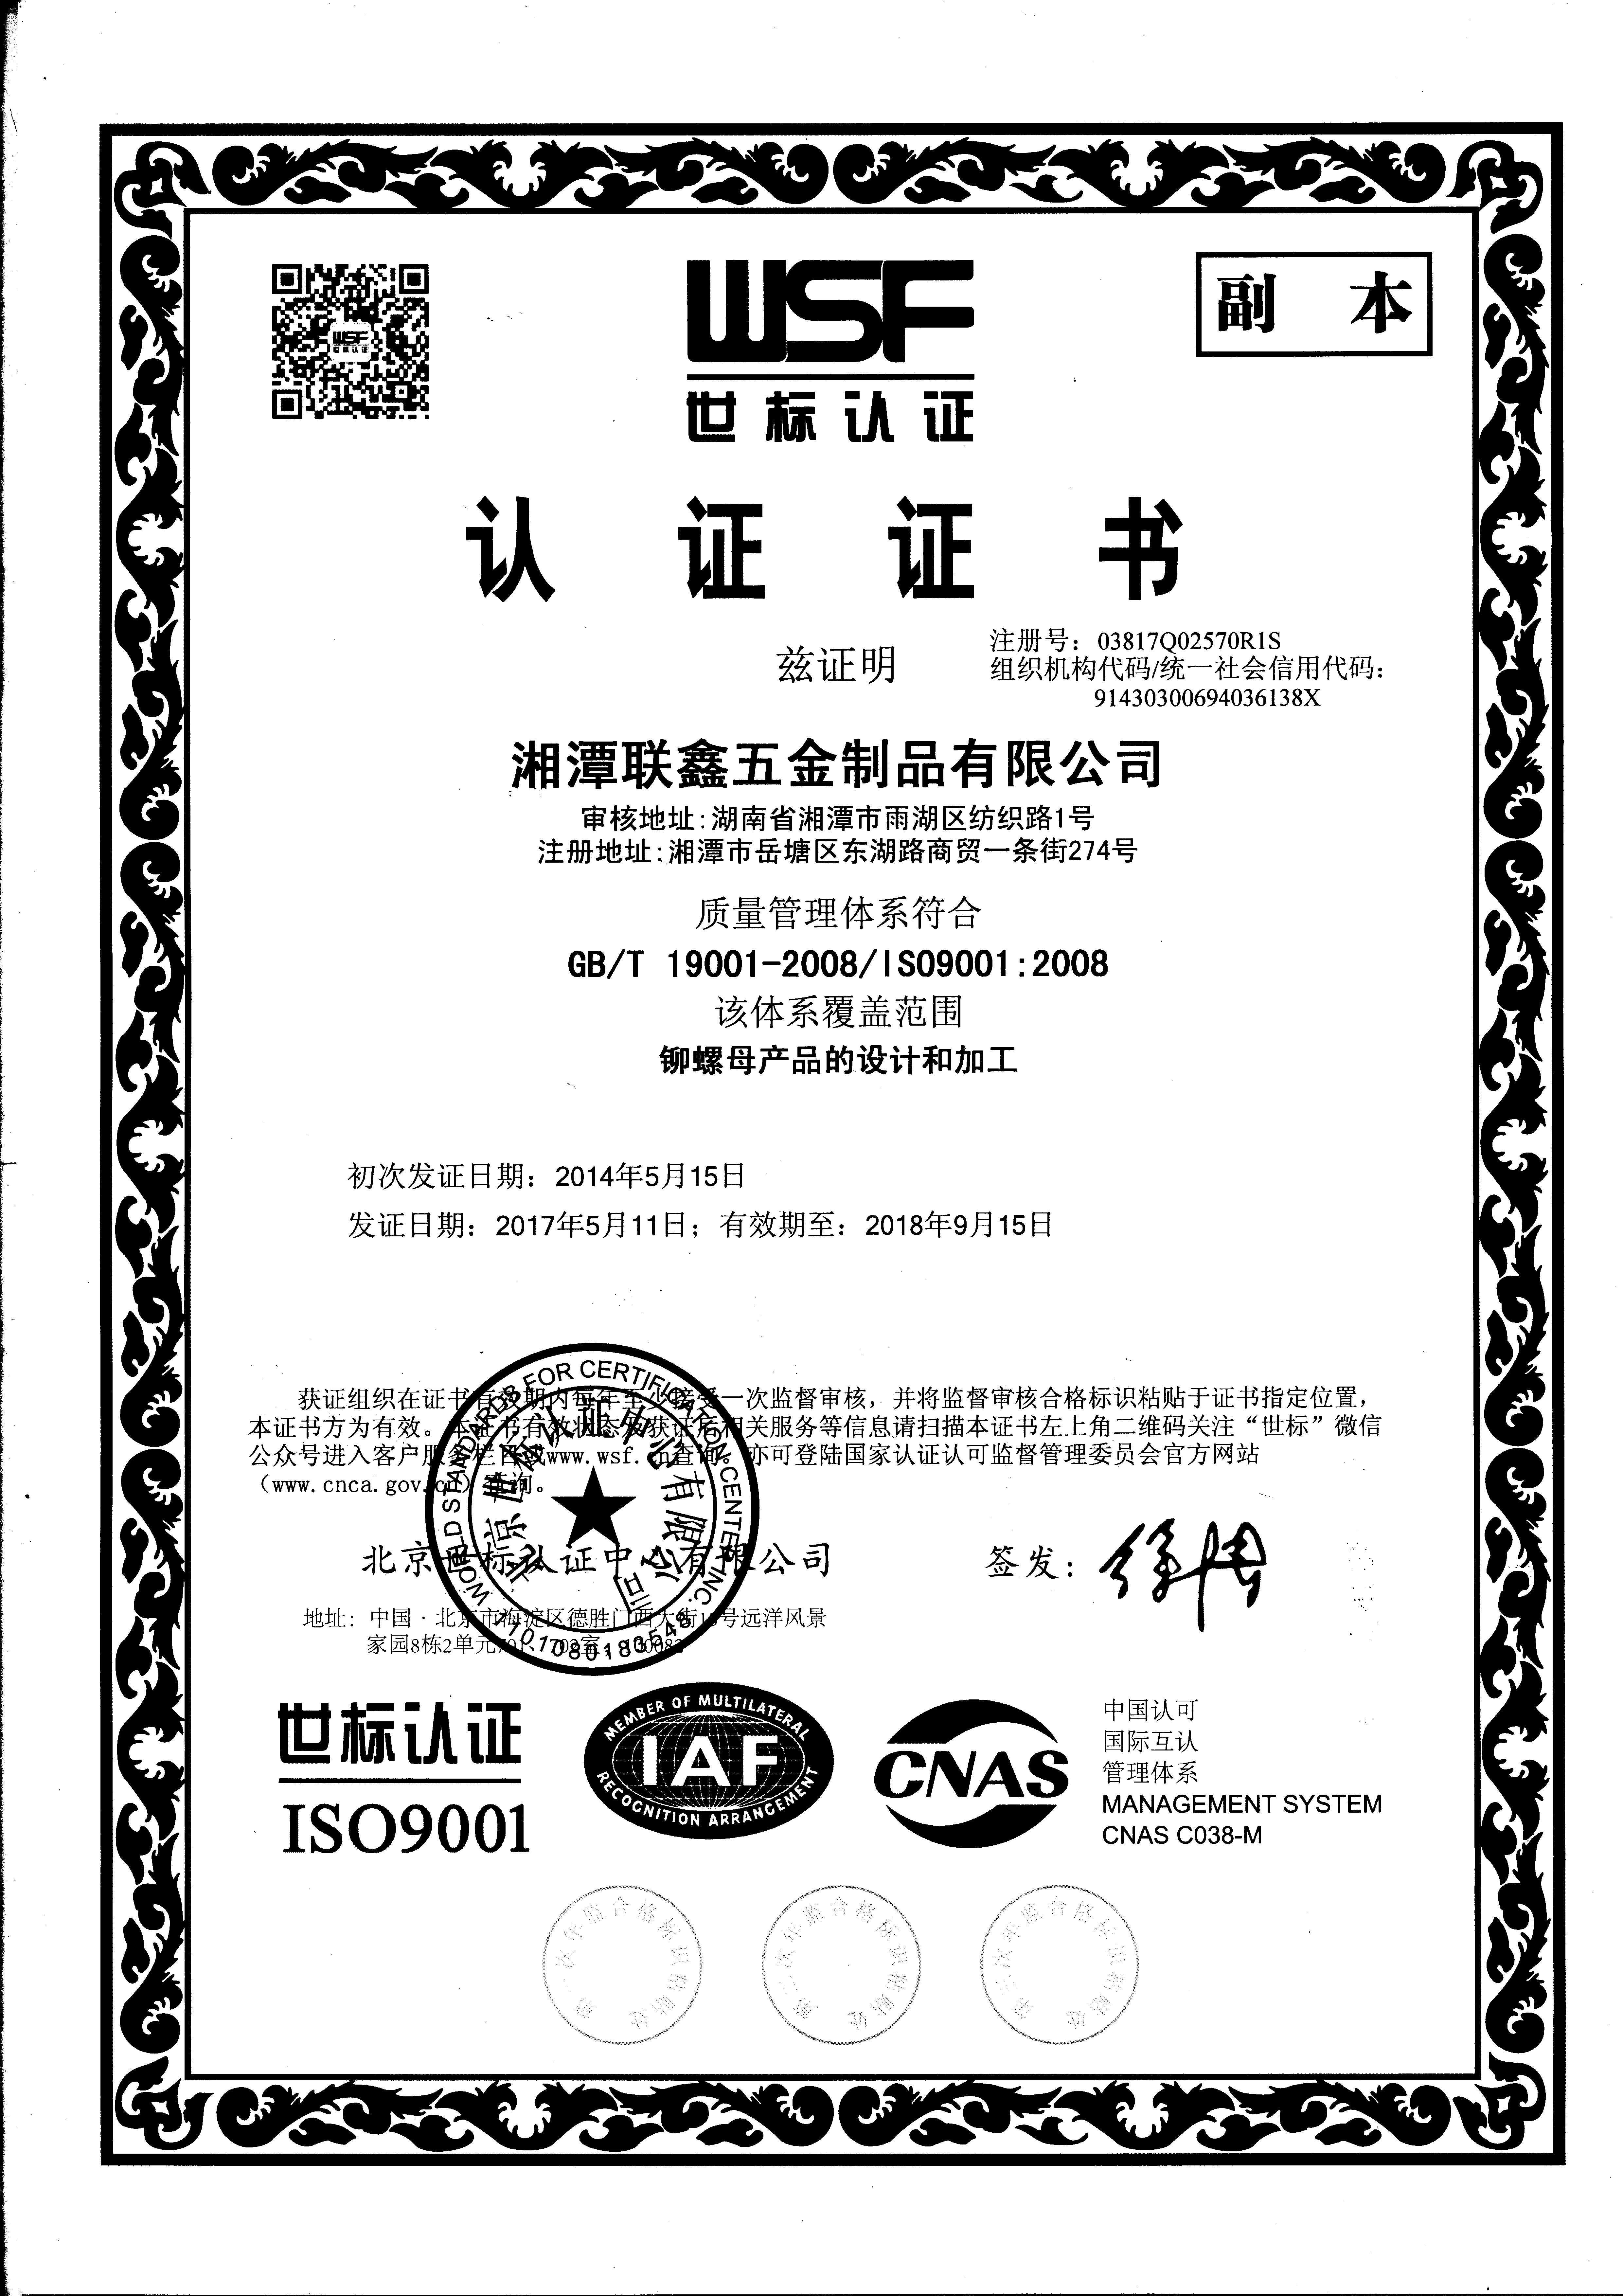 湘潭联鑫五金制品有限公司